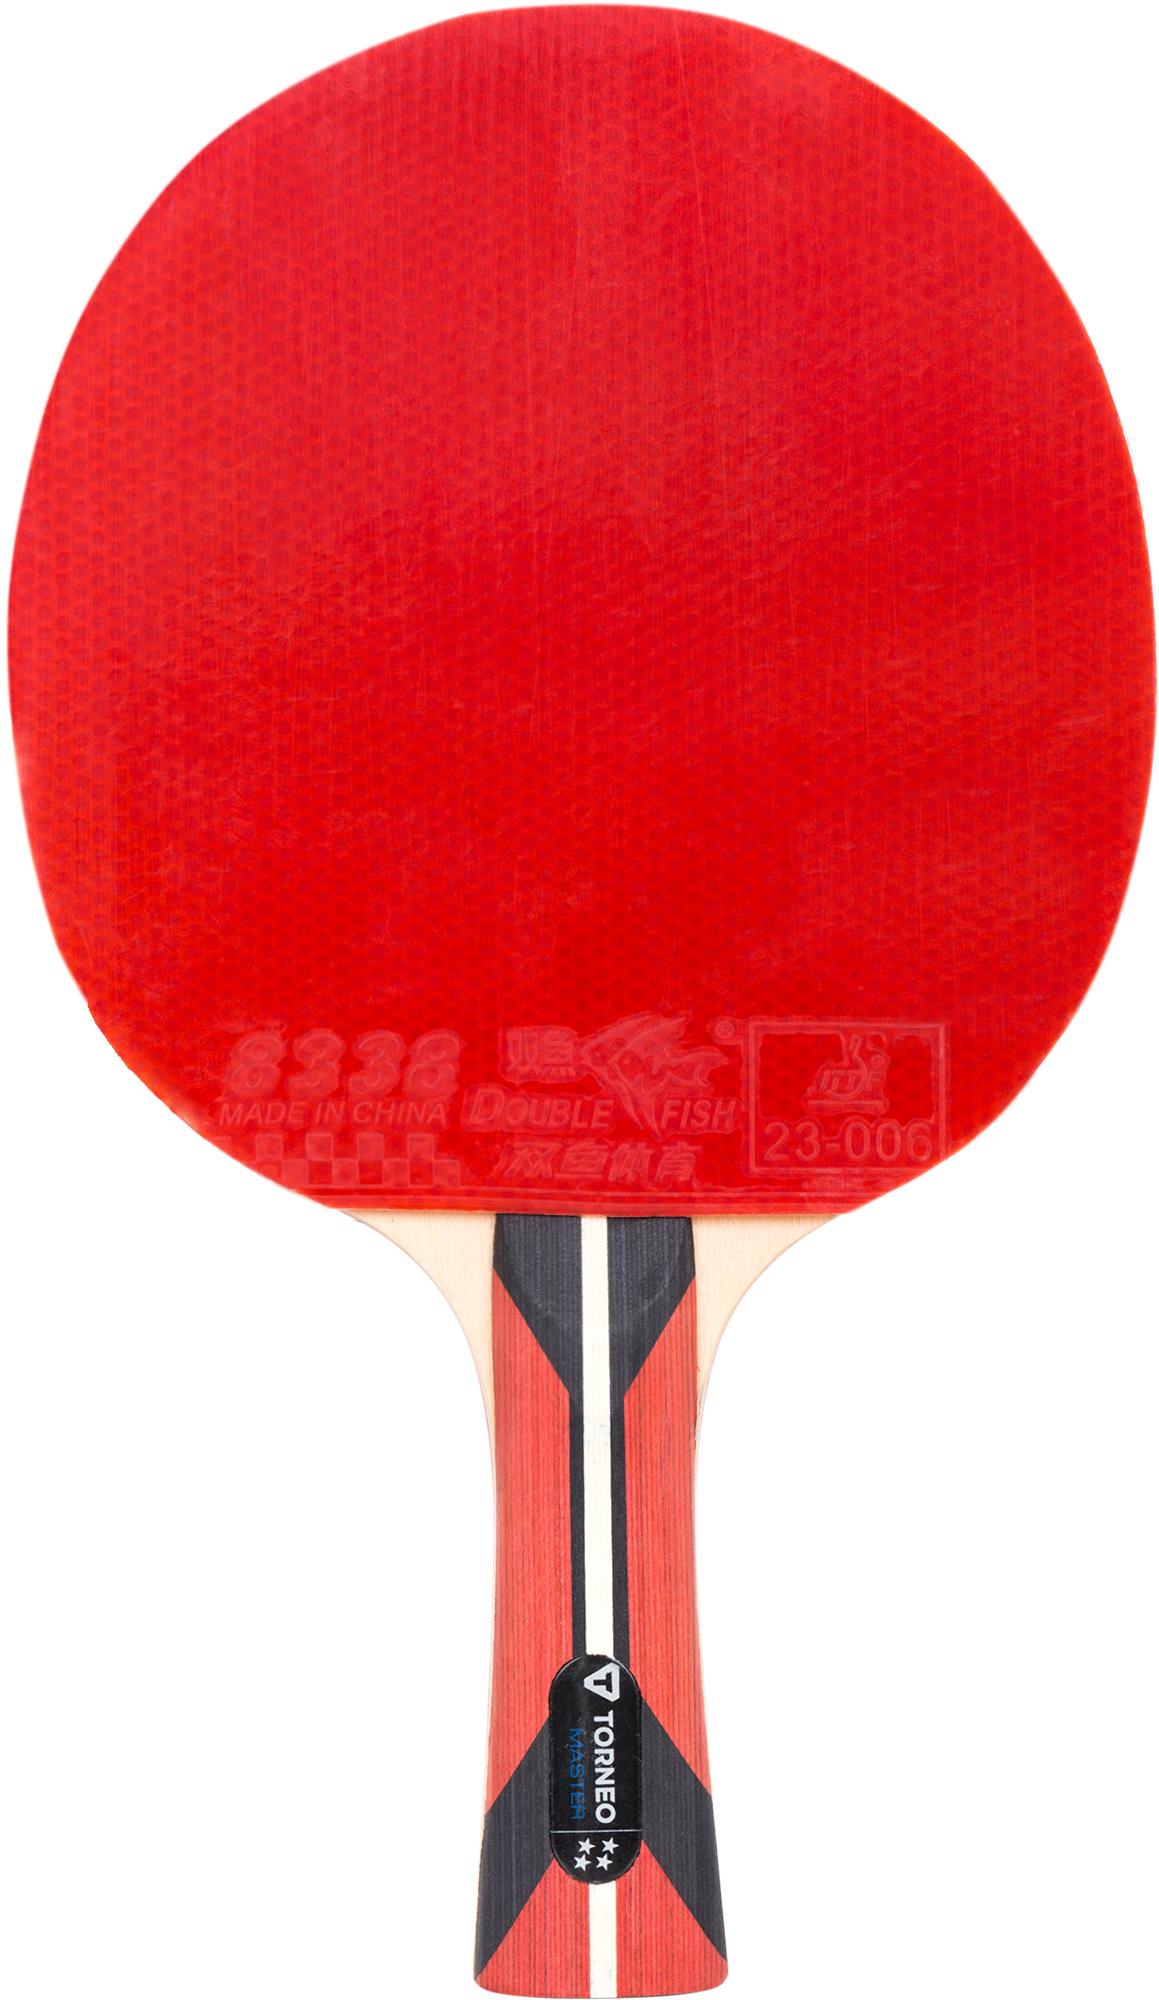 Torneo Ракетка для настольного тенниса Torneo Master